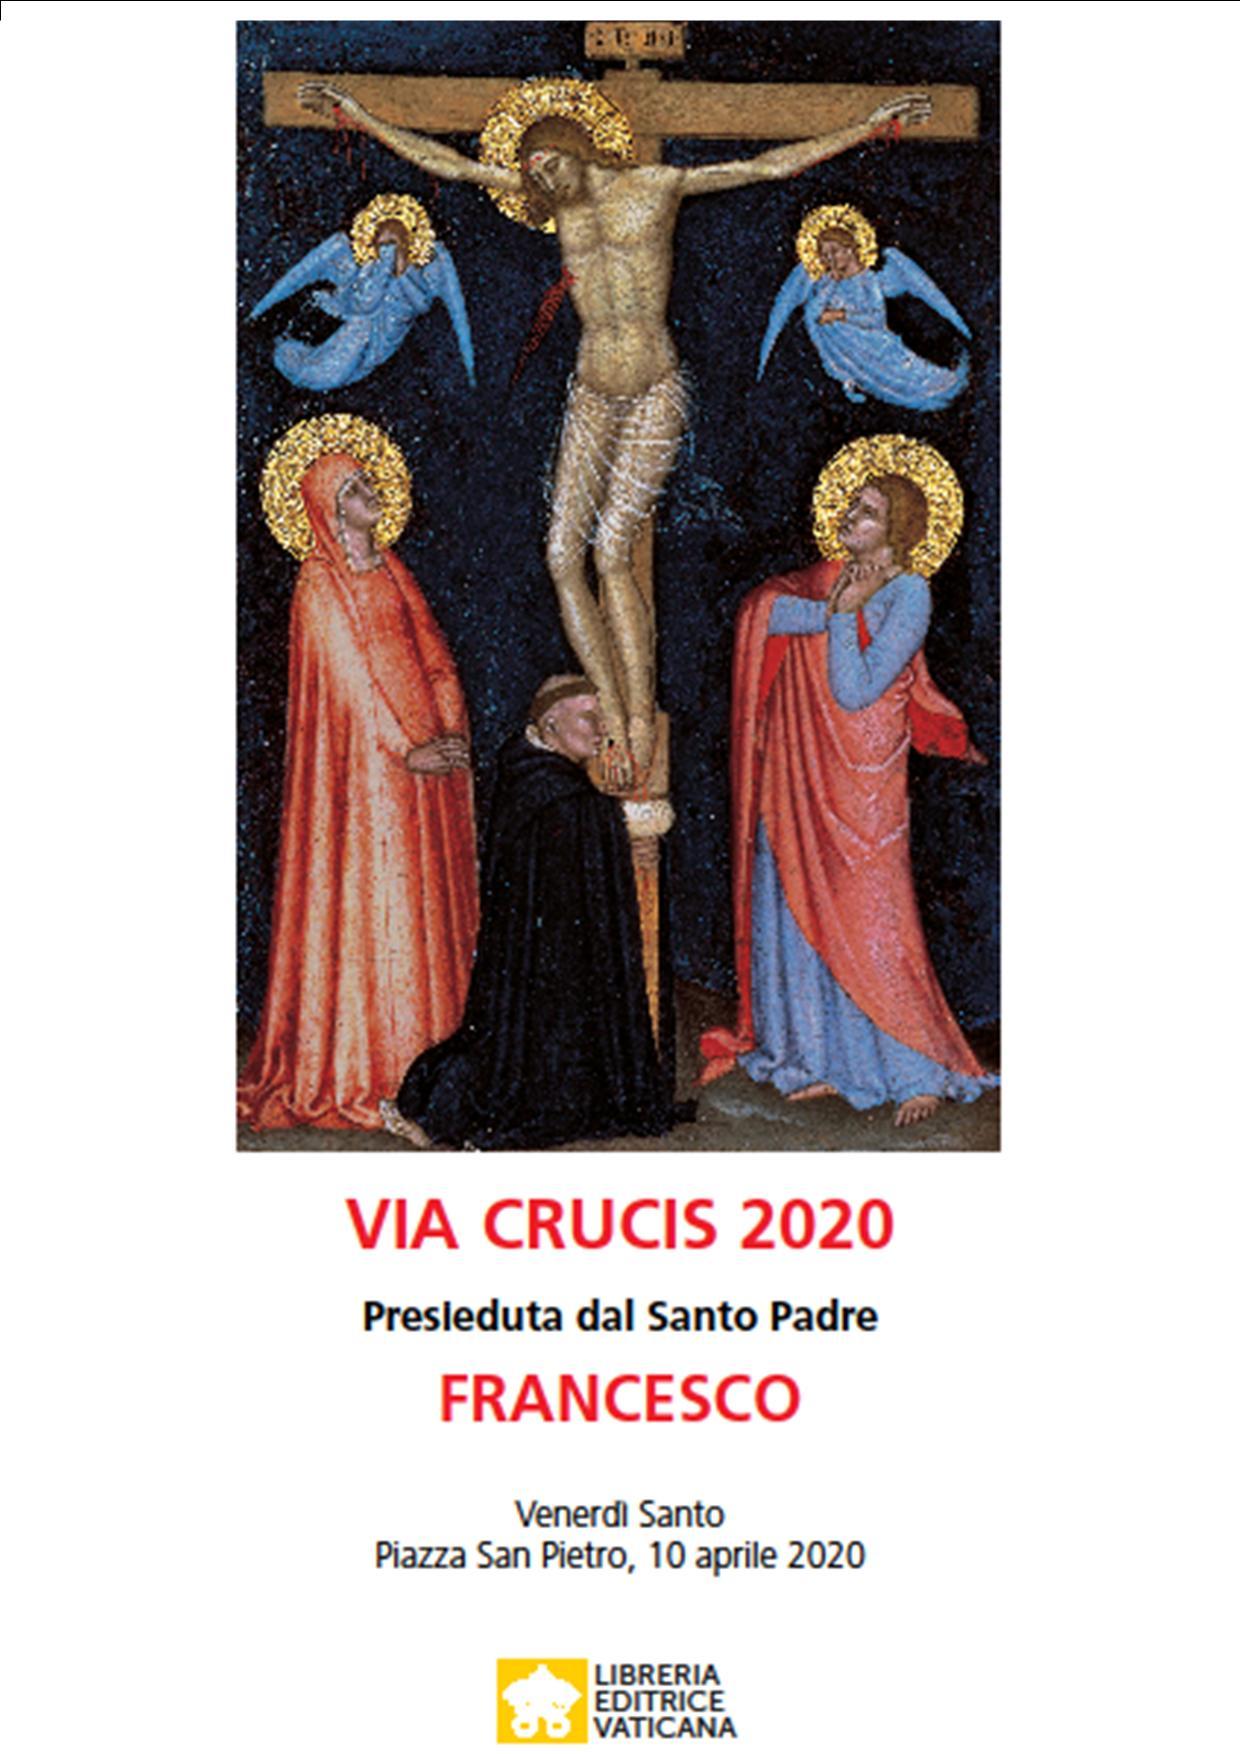 Via Crucis 2020 presieduta da Papa Francesco